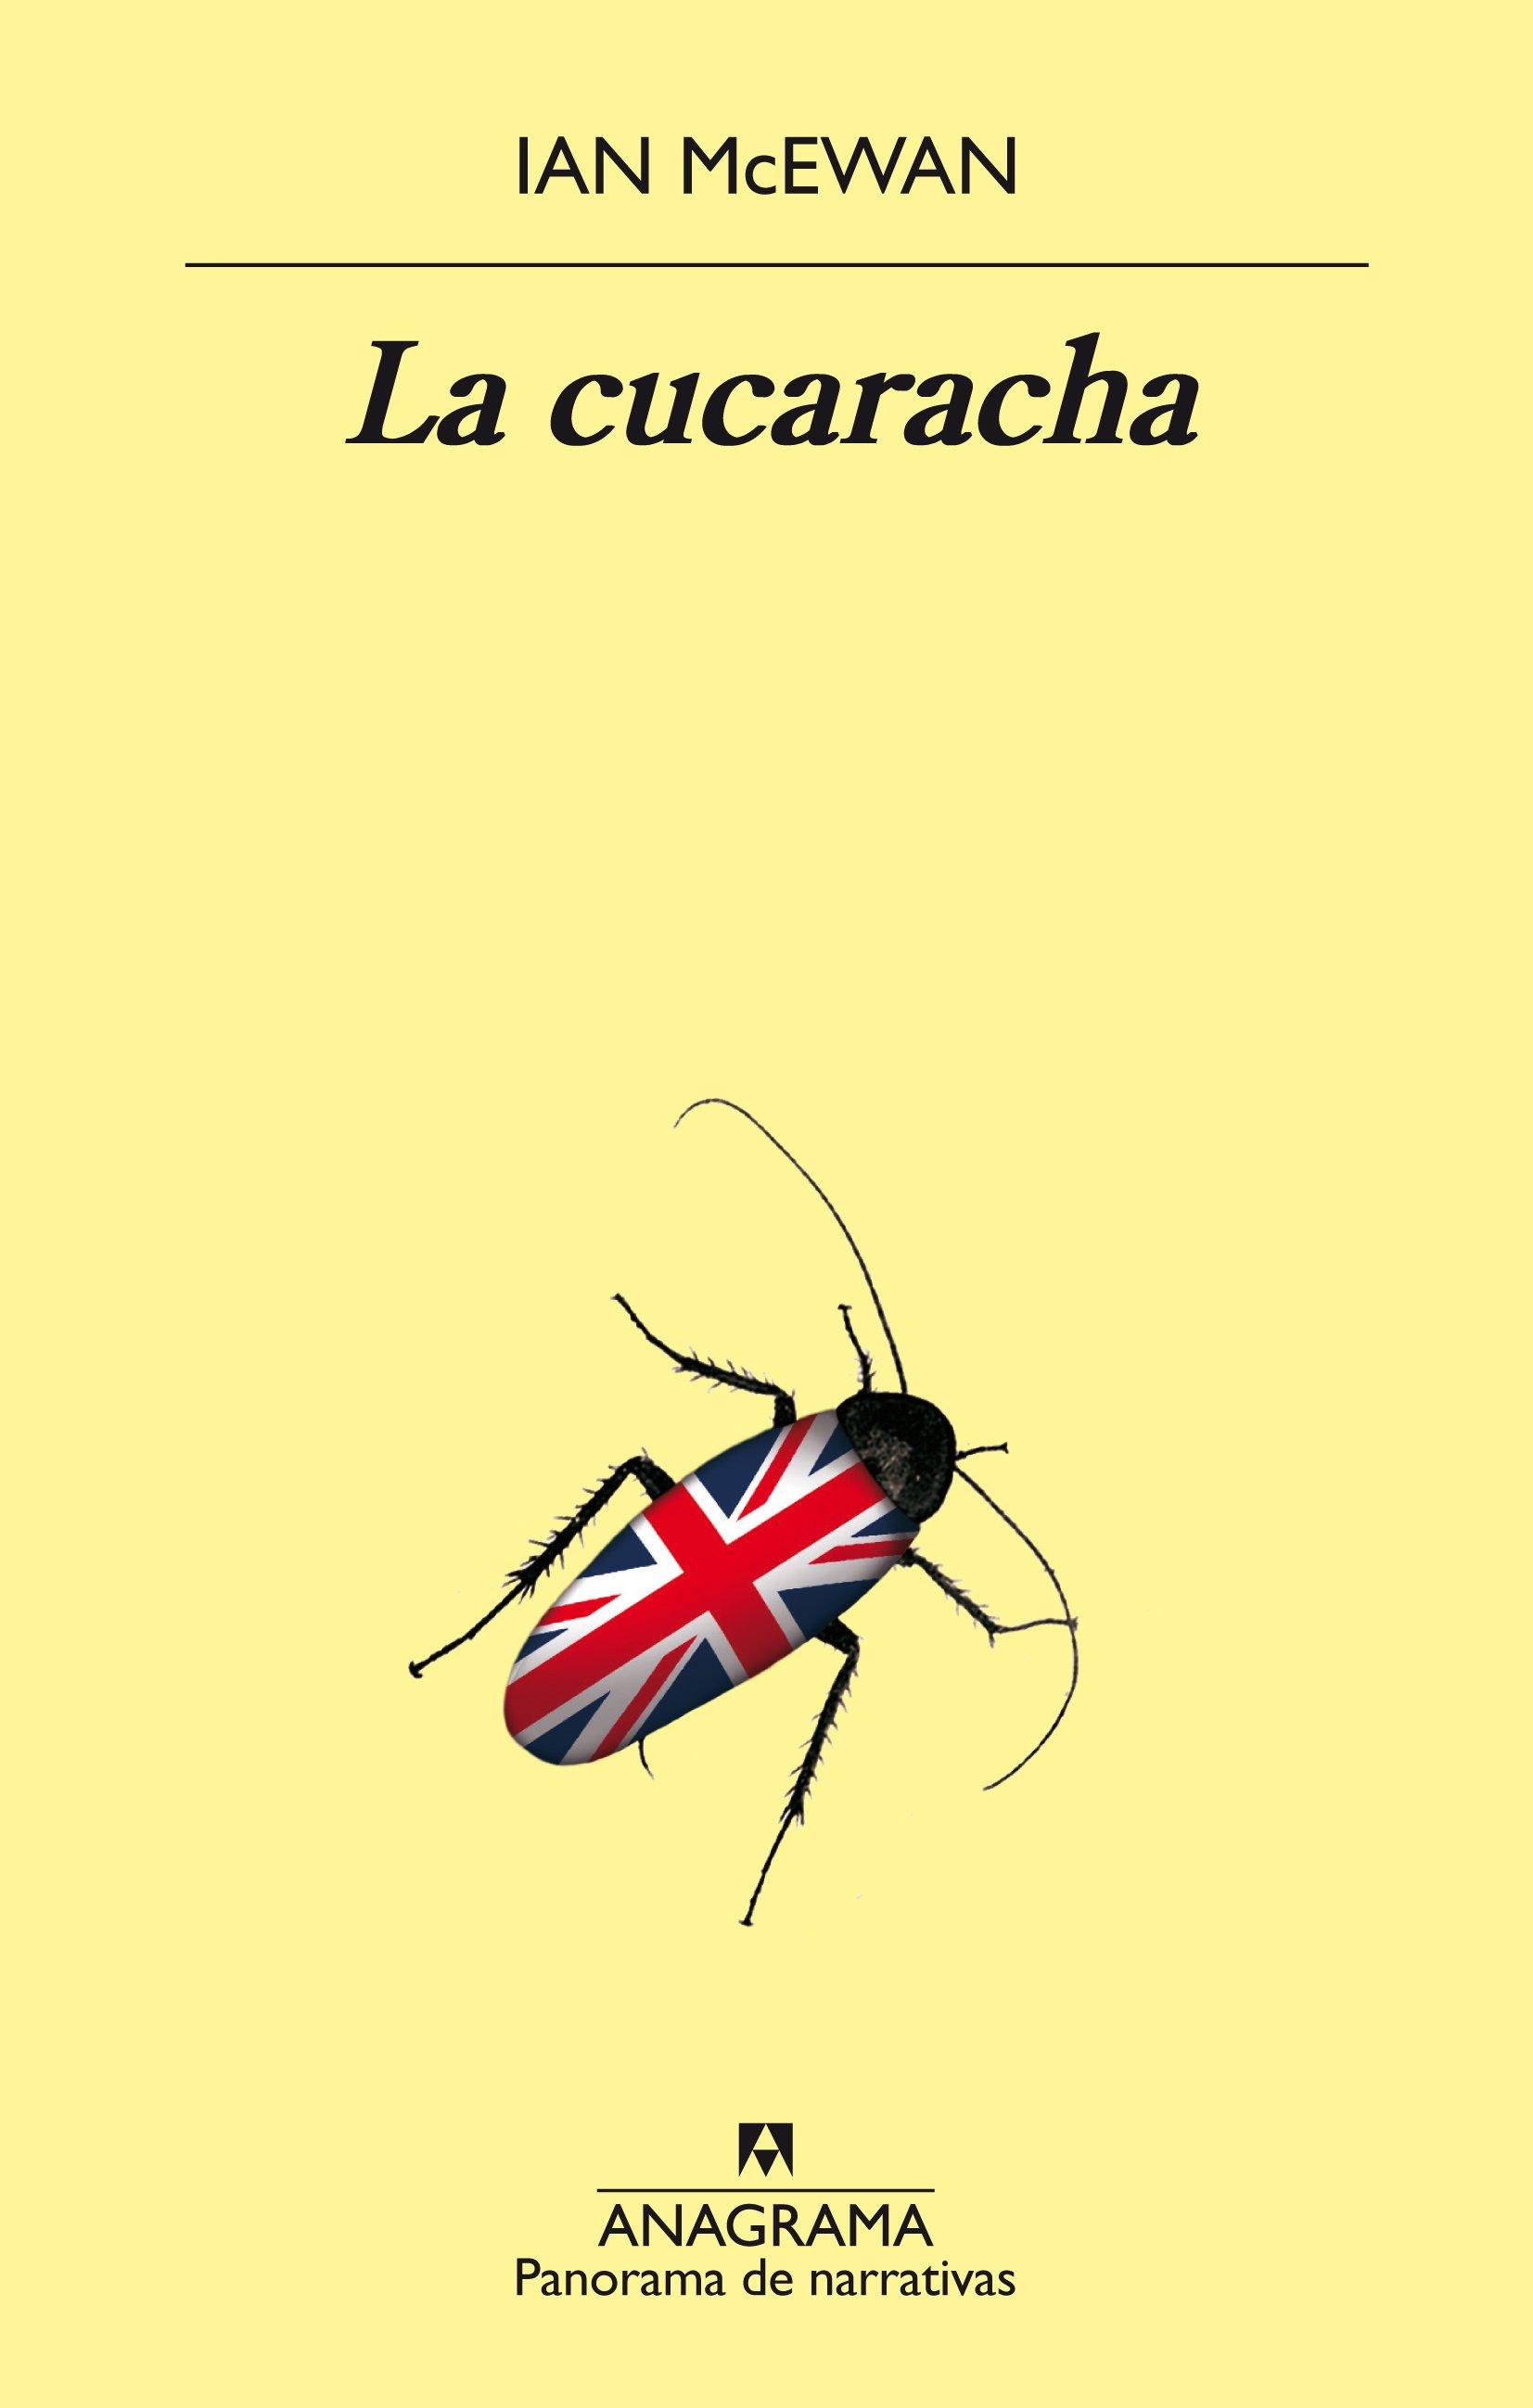 Ian McEwan: La cucaracha